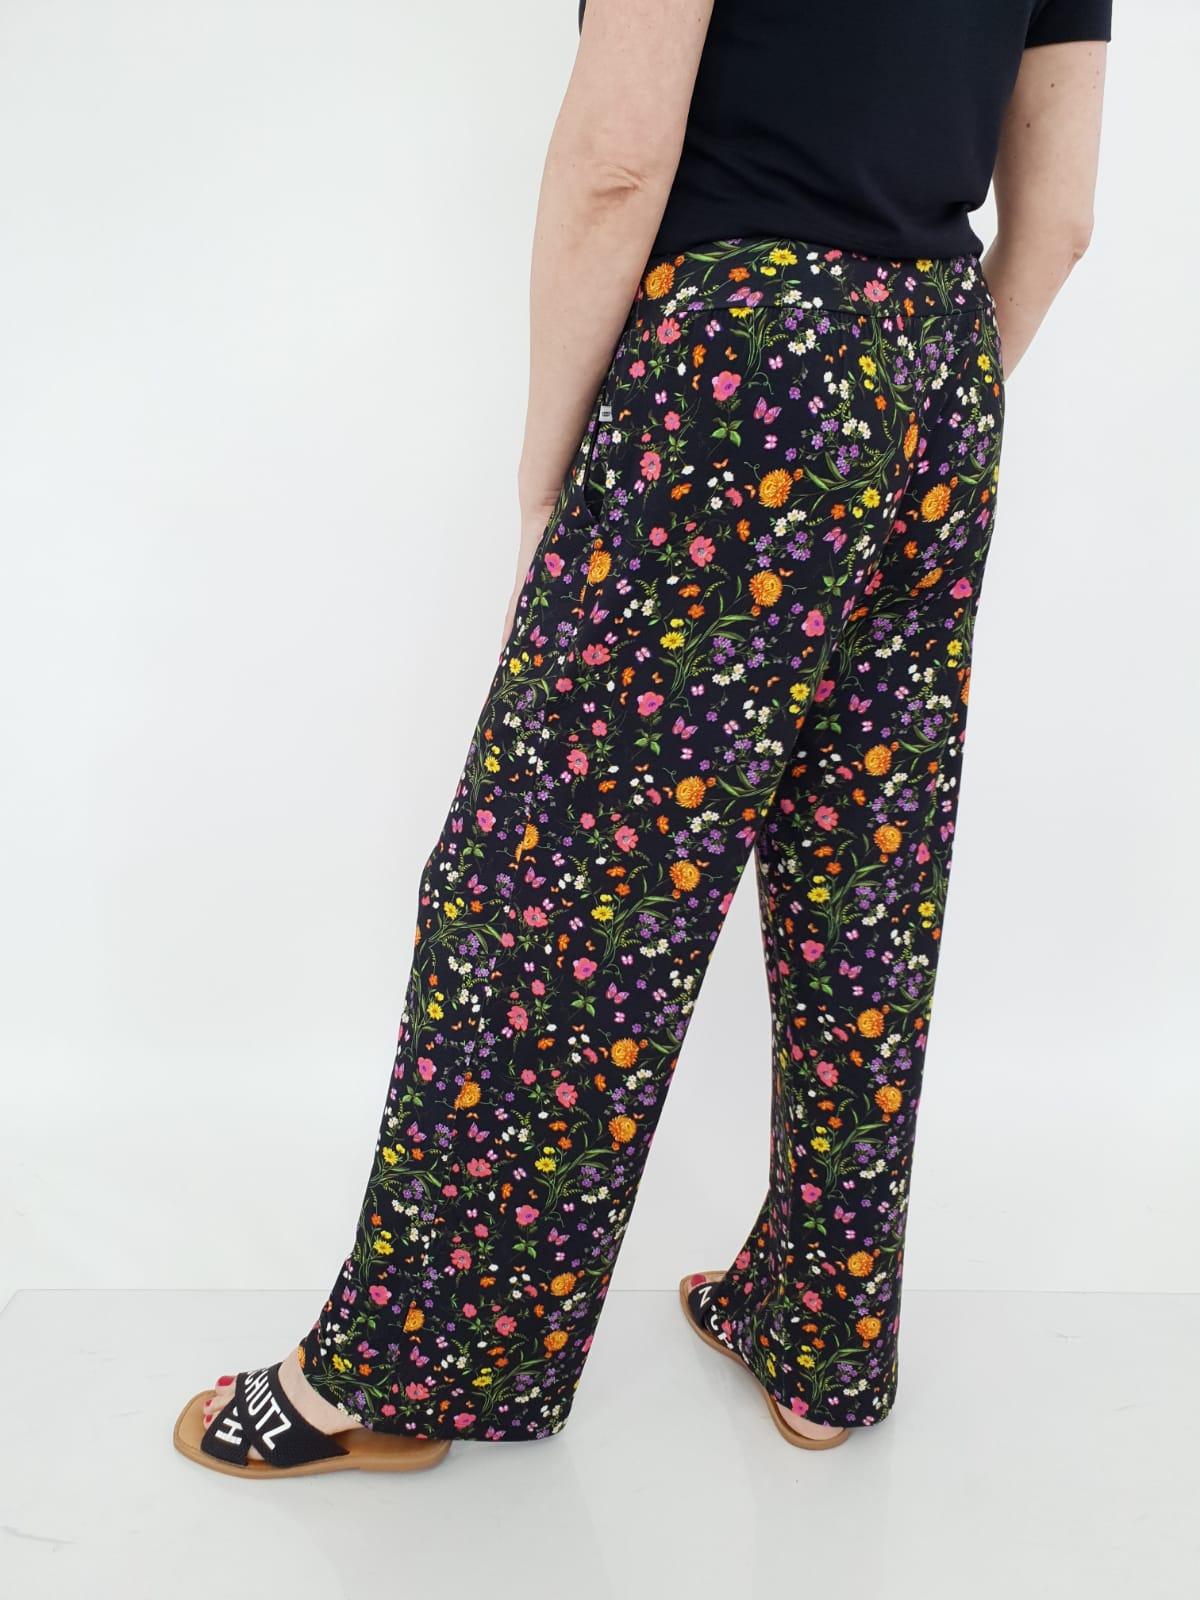 Calça Pantalona Viscolycra Estampado